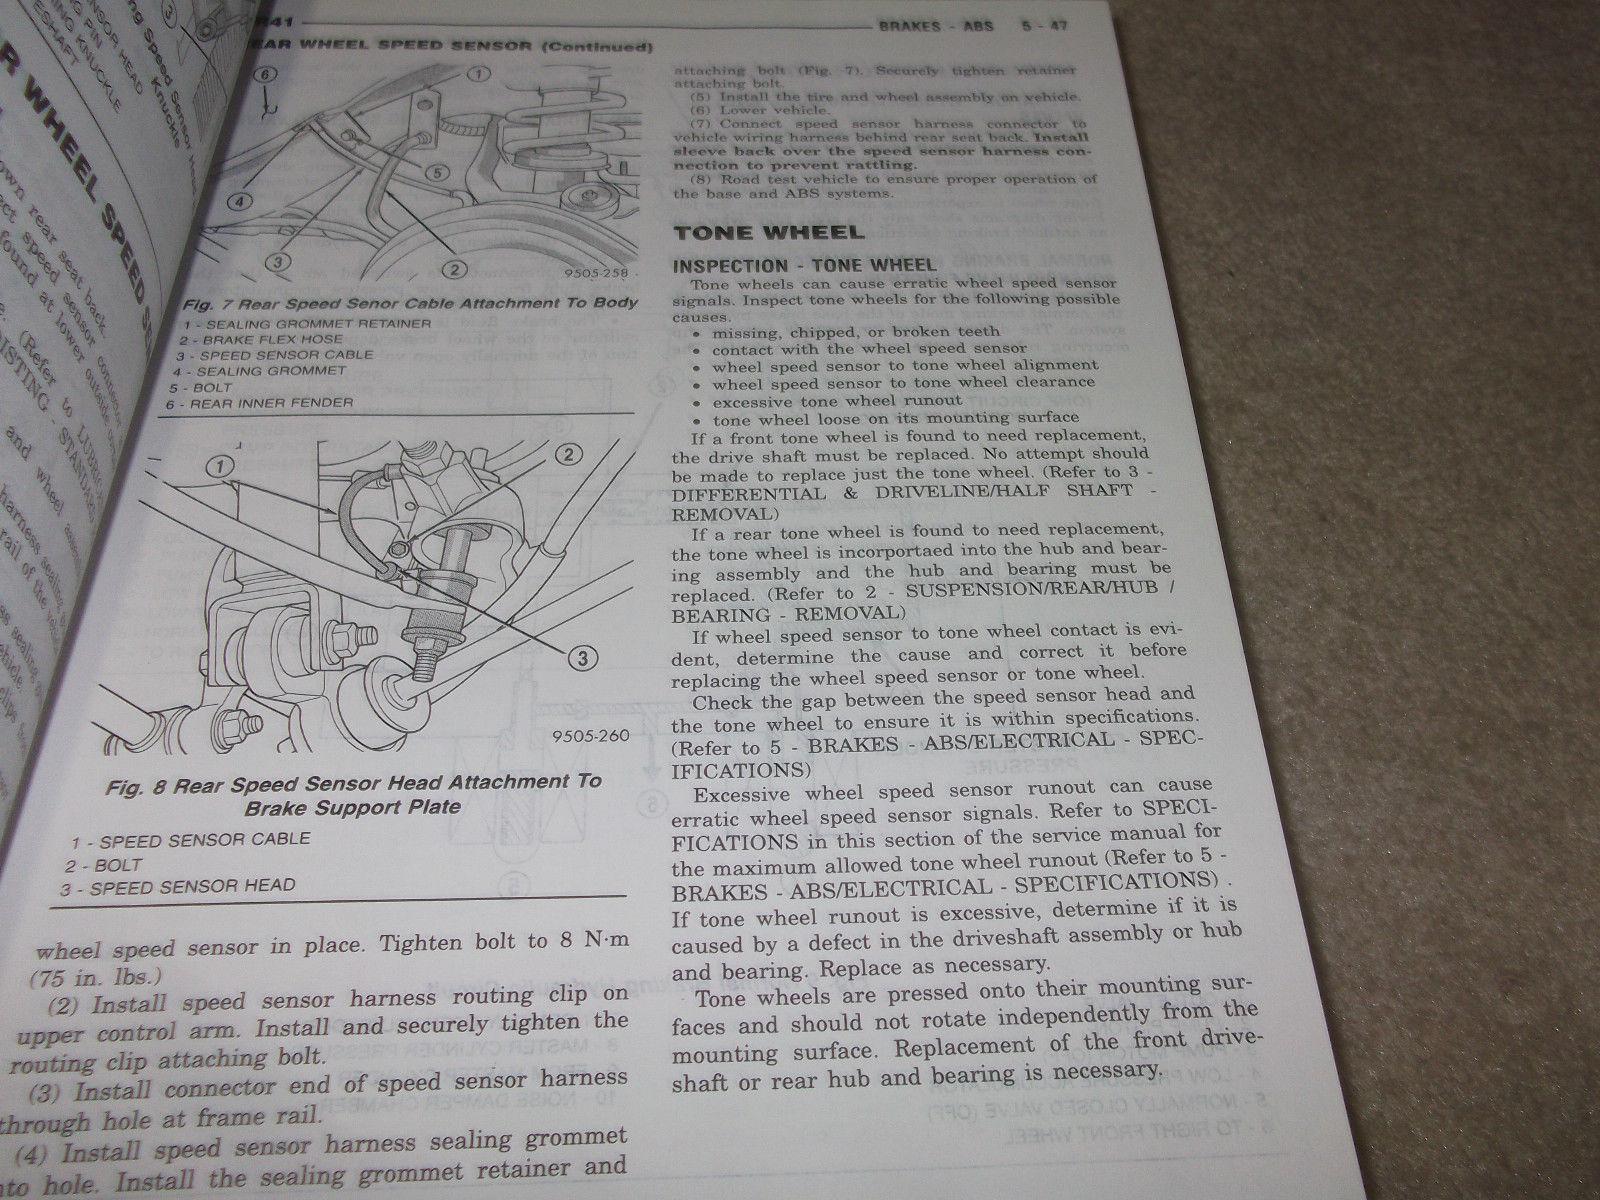 2001 CHRYSLER SEBRING & STRATUS SEDAN Service Shop Repair Manual SET HUGE 6 VOL image 3